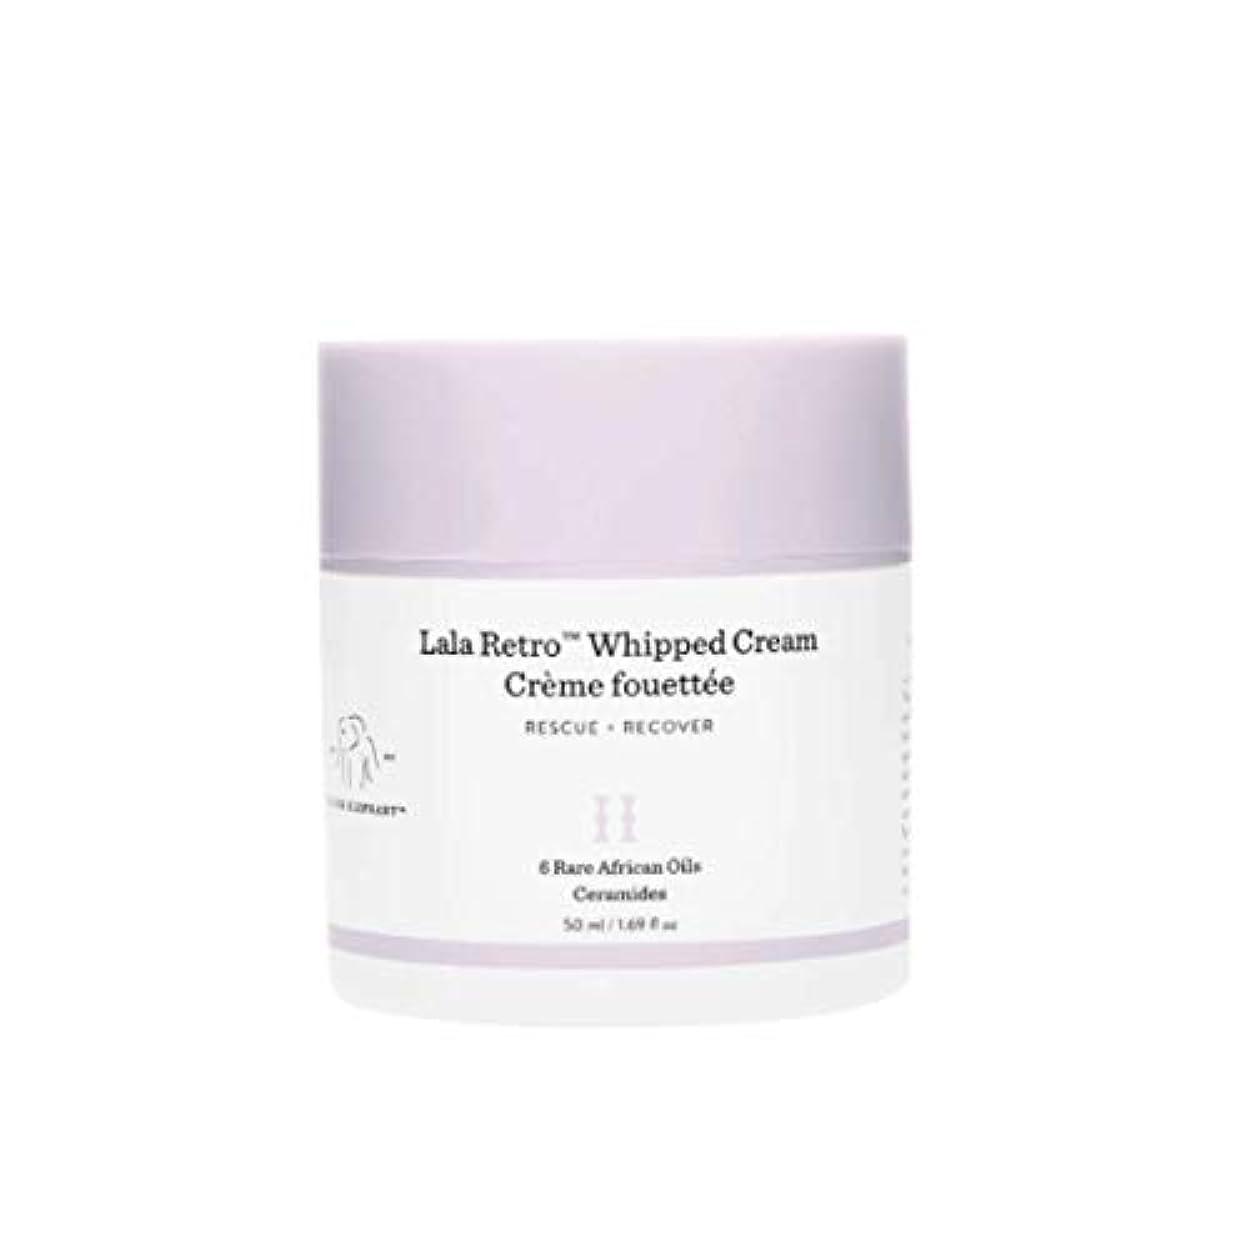 大西洋全体に破壊的DRUNK ELEPHANT Lala Retro Whipped Cream 1.69 oz/ 50 ml ドランクエレファント ララレトロ ホイップドクリーム 1.69 oz/ 50 ml